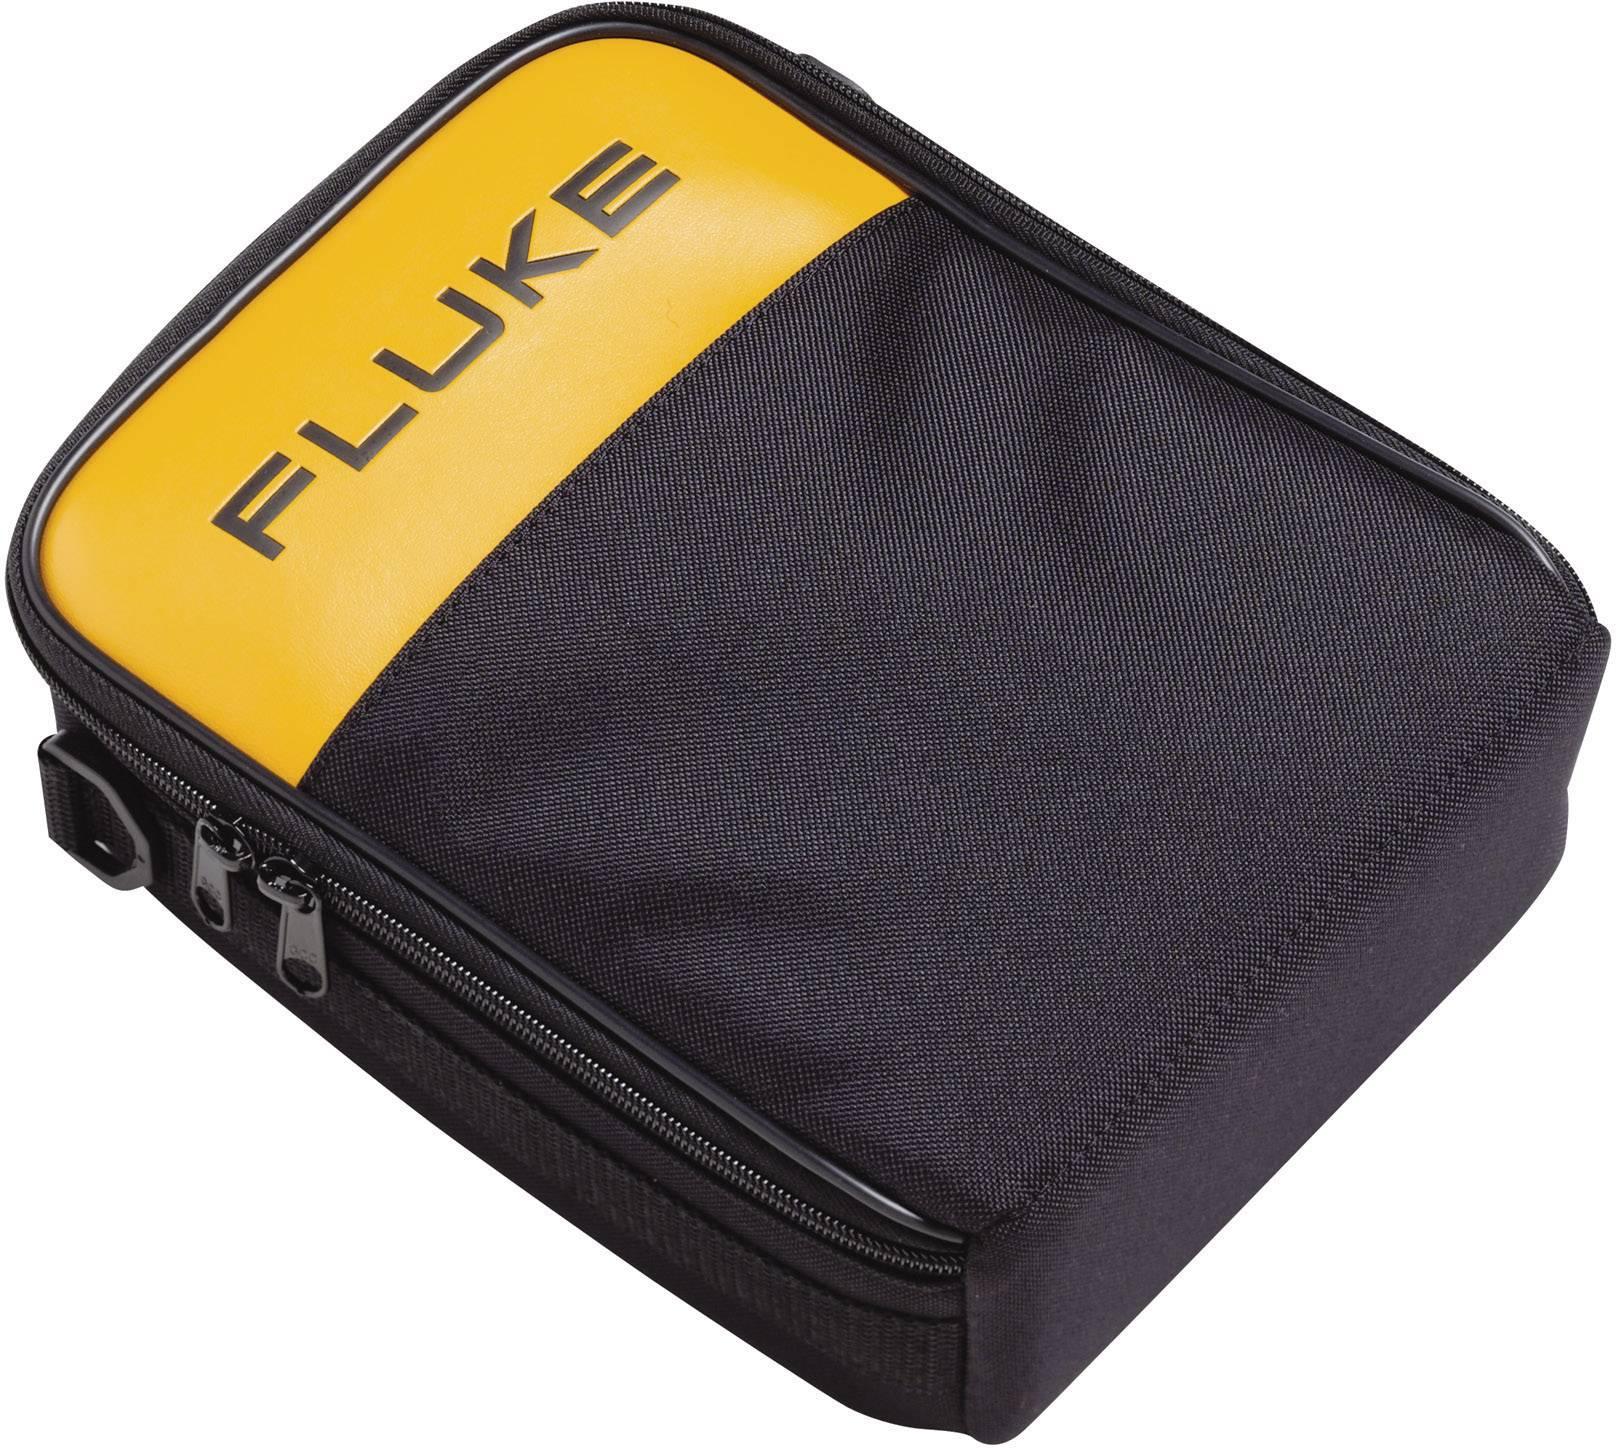 Pouzdro Fluke C280 pro měřicí přístroje řady 280